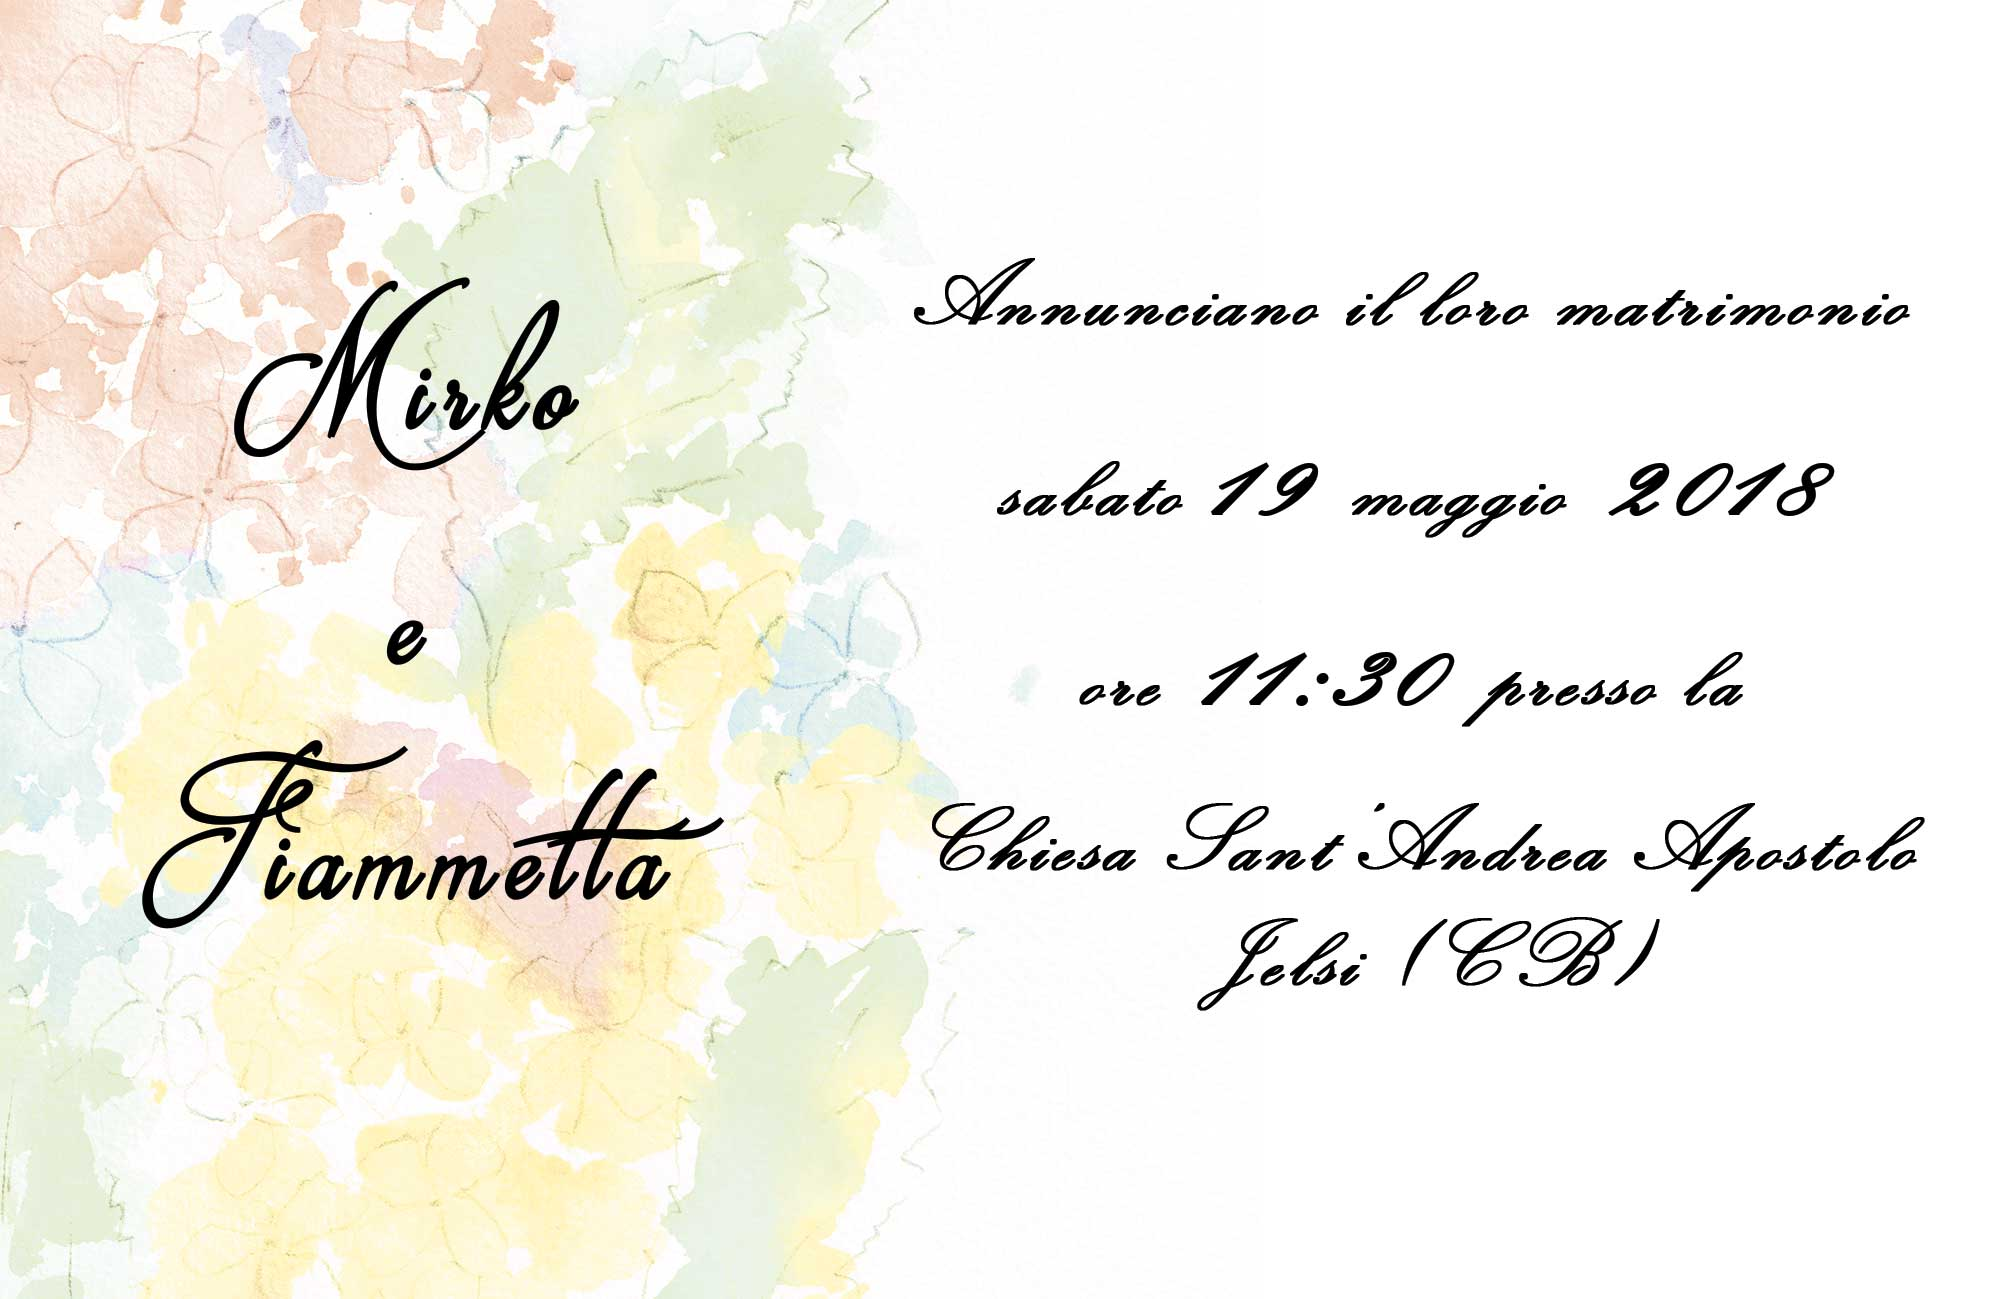 invito_03